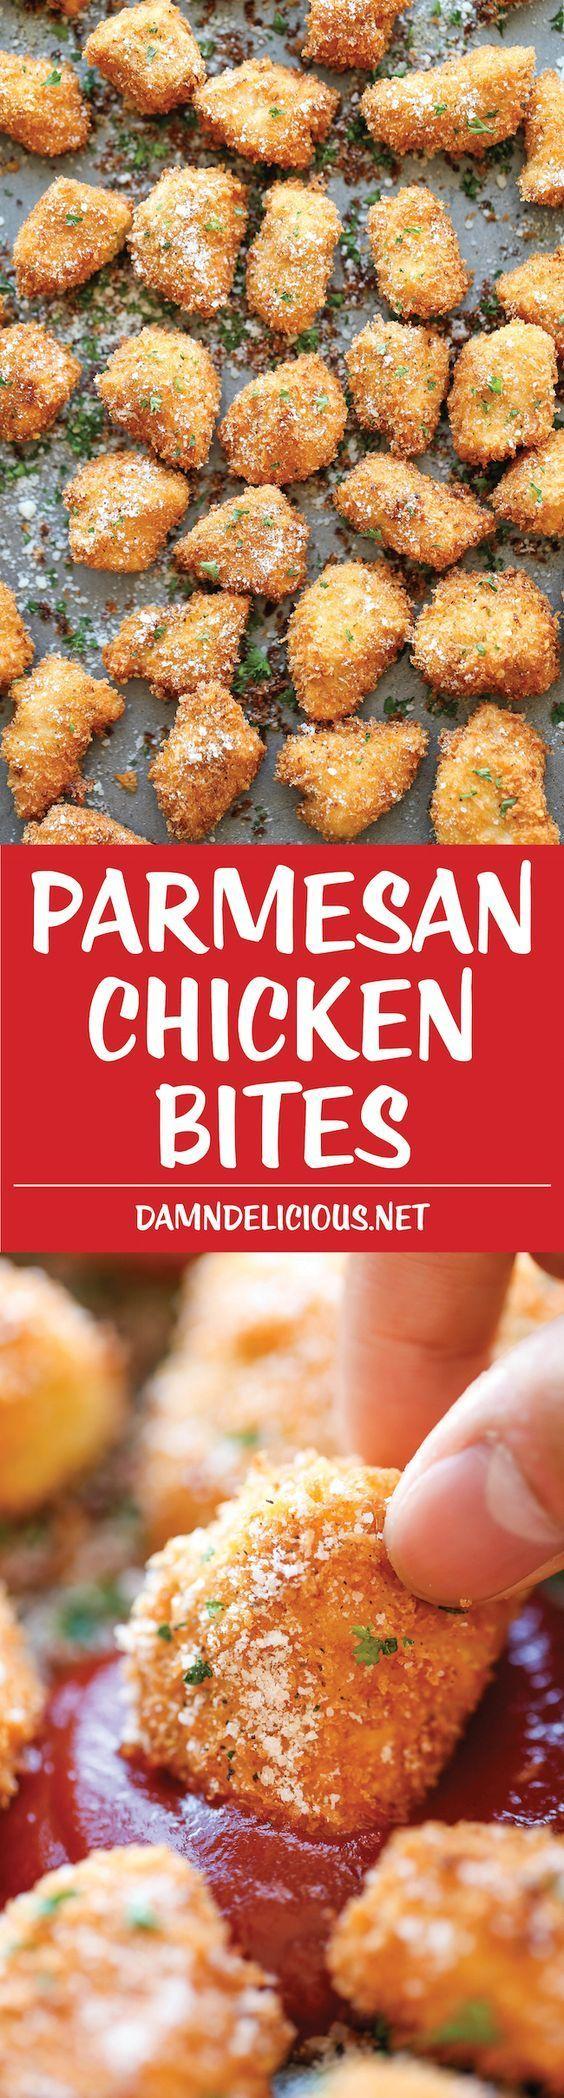 25+ best Good dinner ideas ideas on Pinterest | Quick supper ideas ...